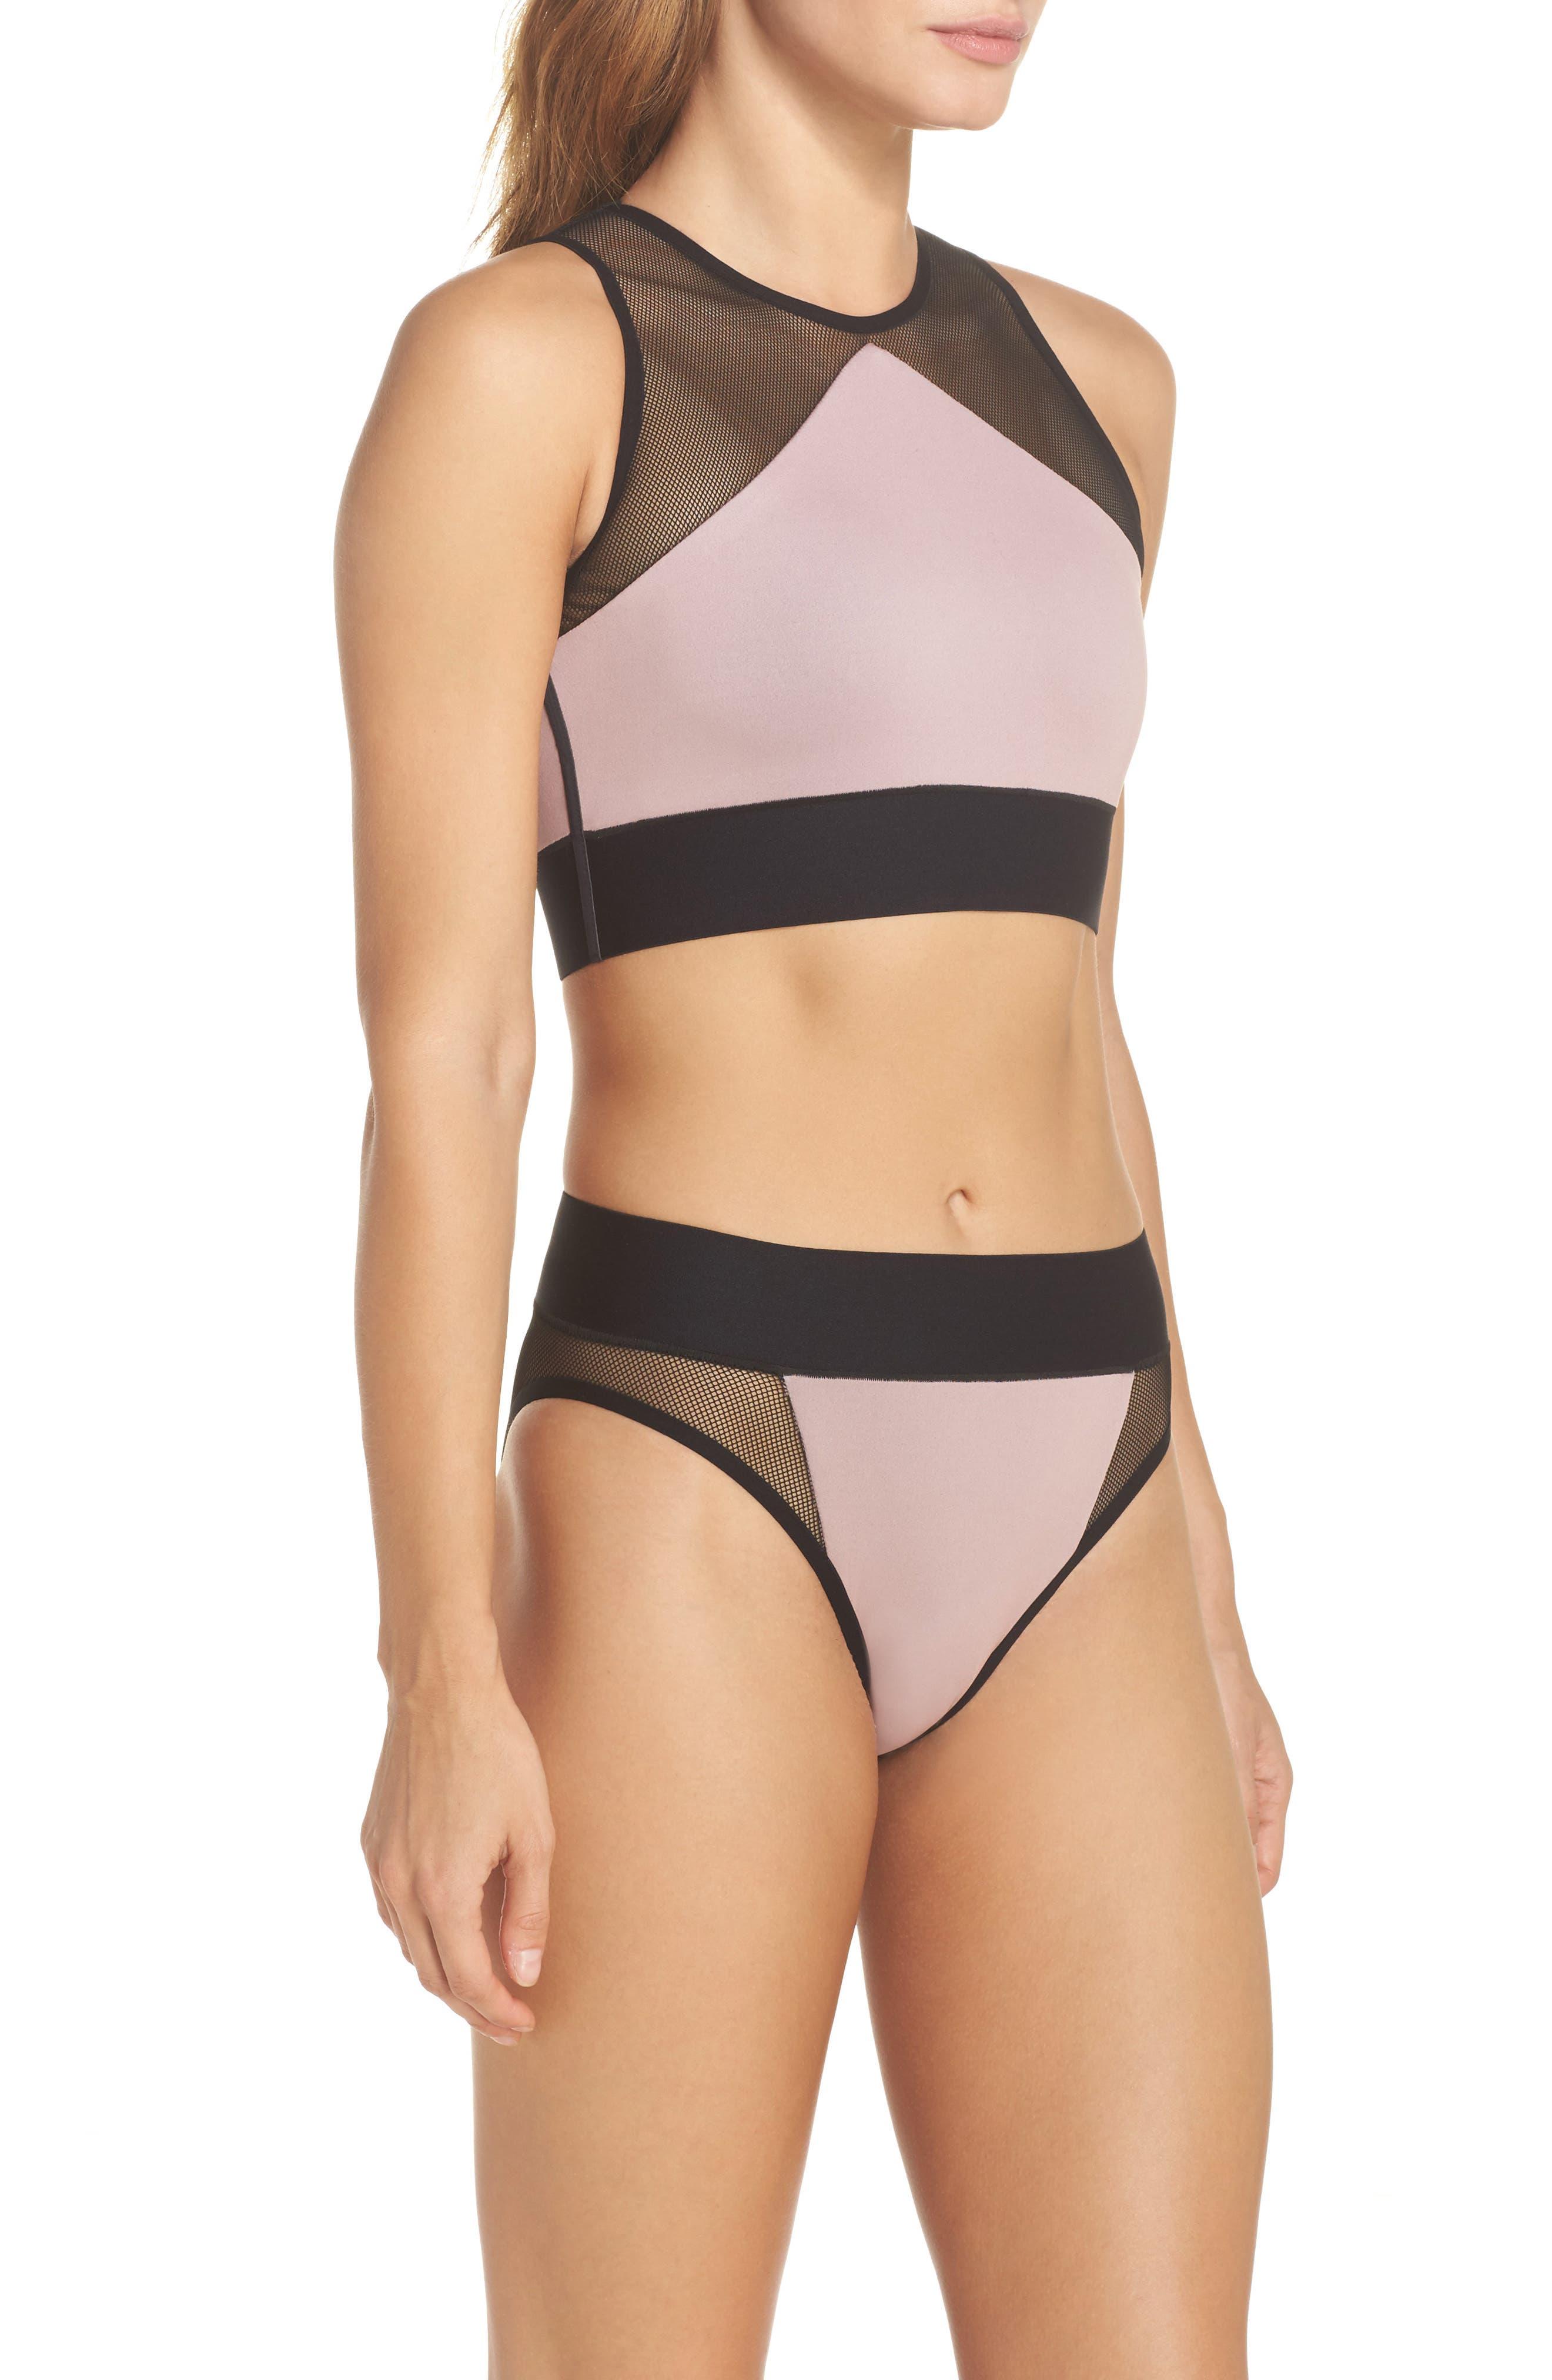 Adrift Sport Mesh Bikini Top,                             Alternate thumbnail 7, color,                             Blush Pink